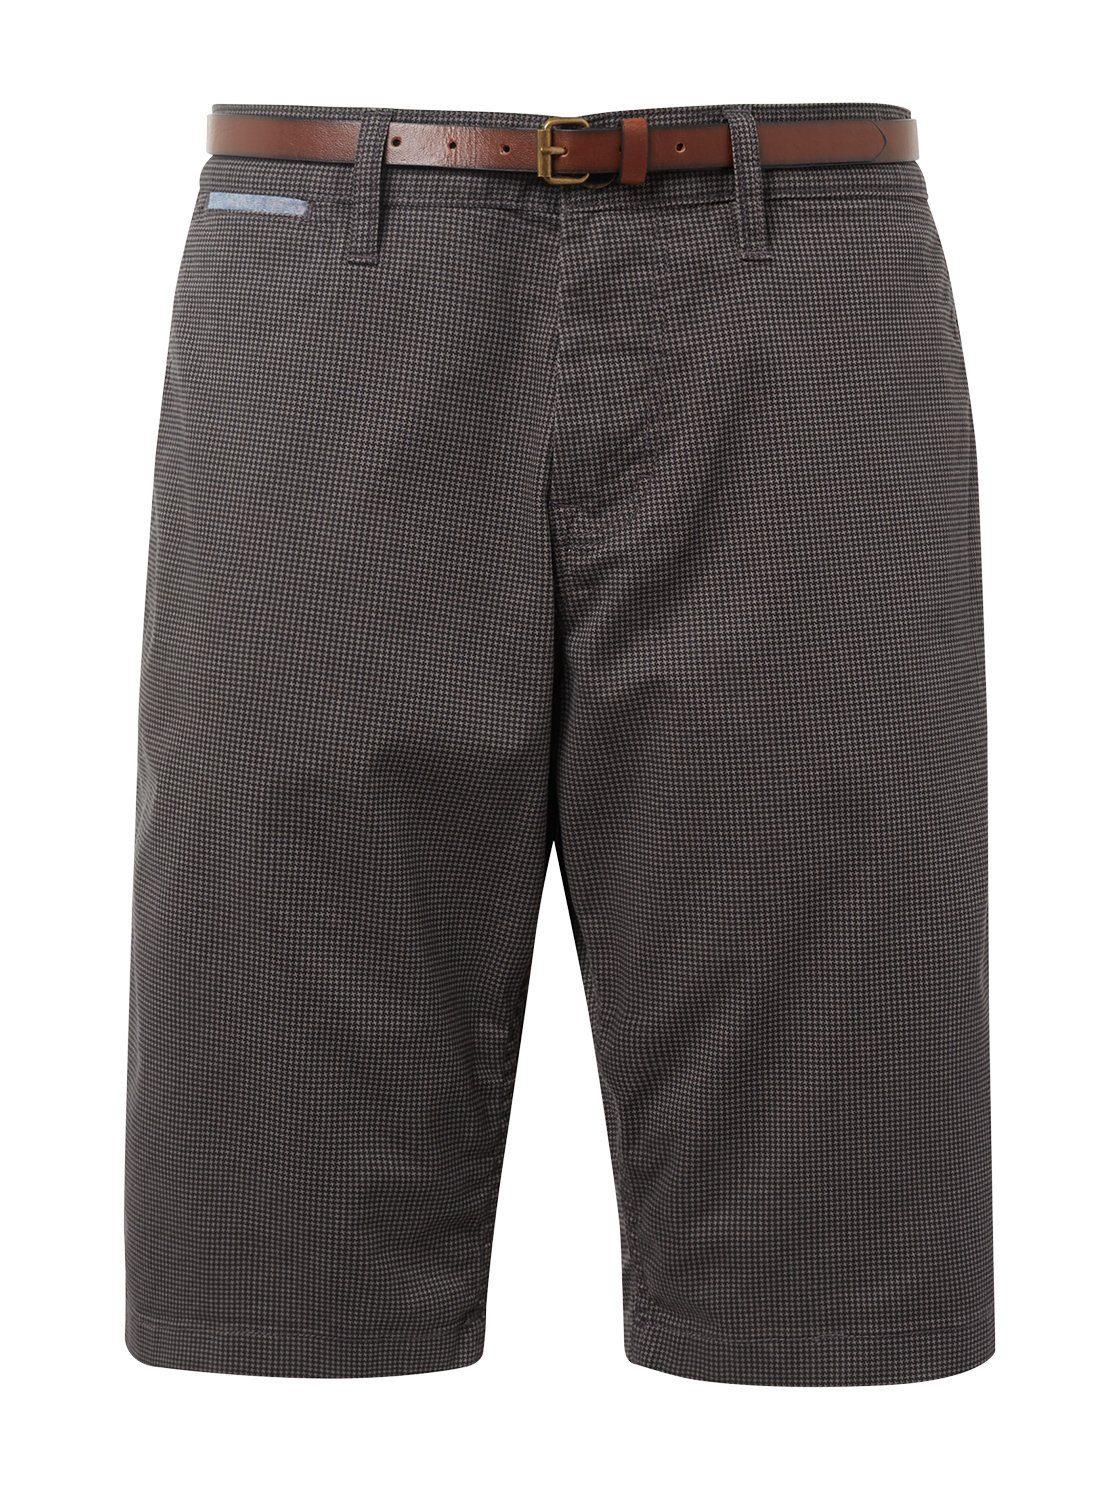 Tom Tailor Bermuda Josh Regular Slim Chino Shorts Met Riem In De Online Winkel - Geweldige Prijs